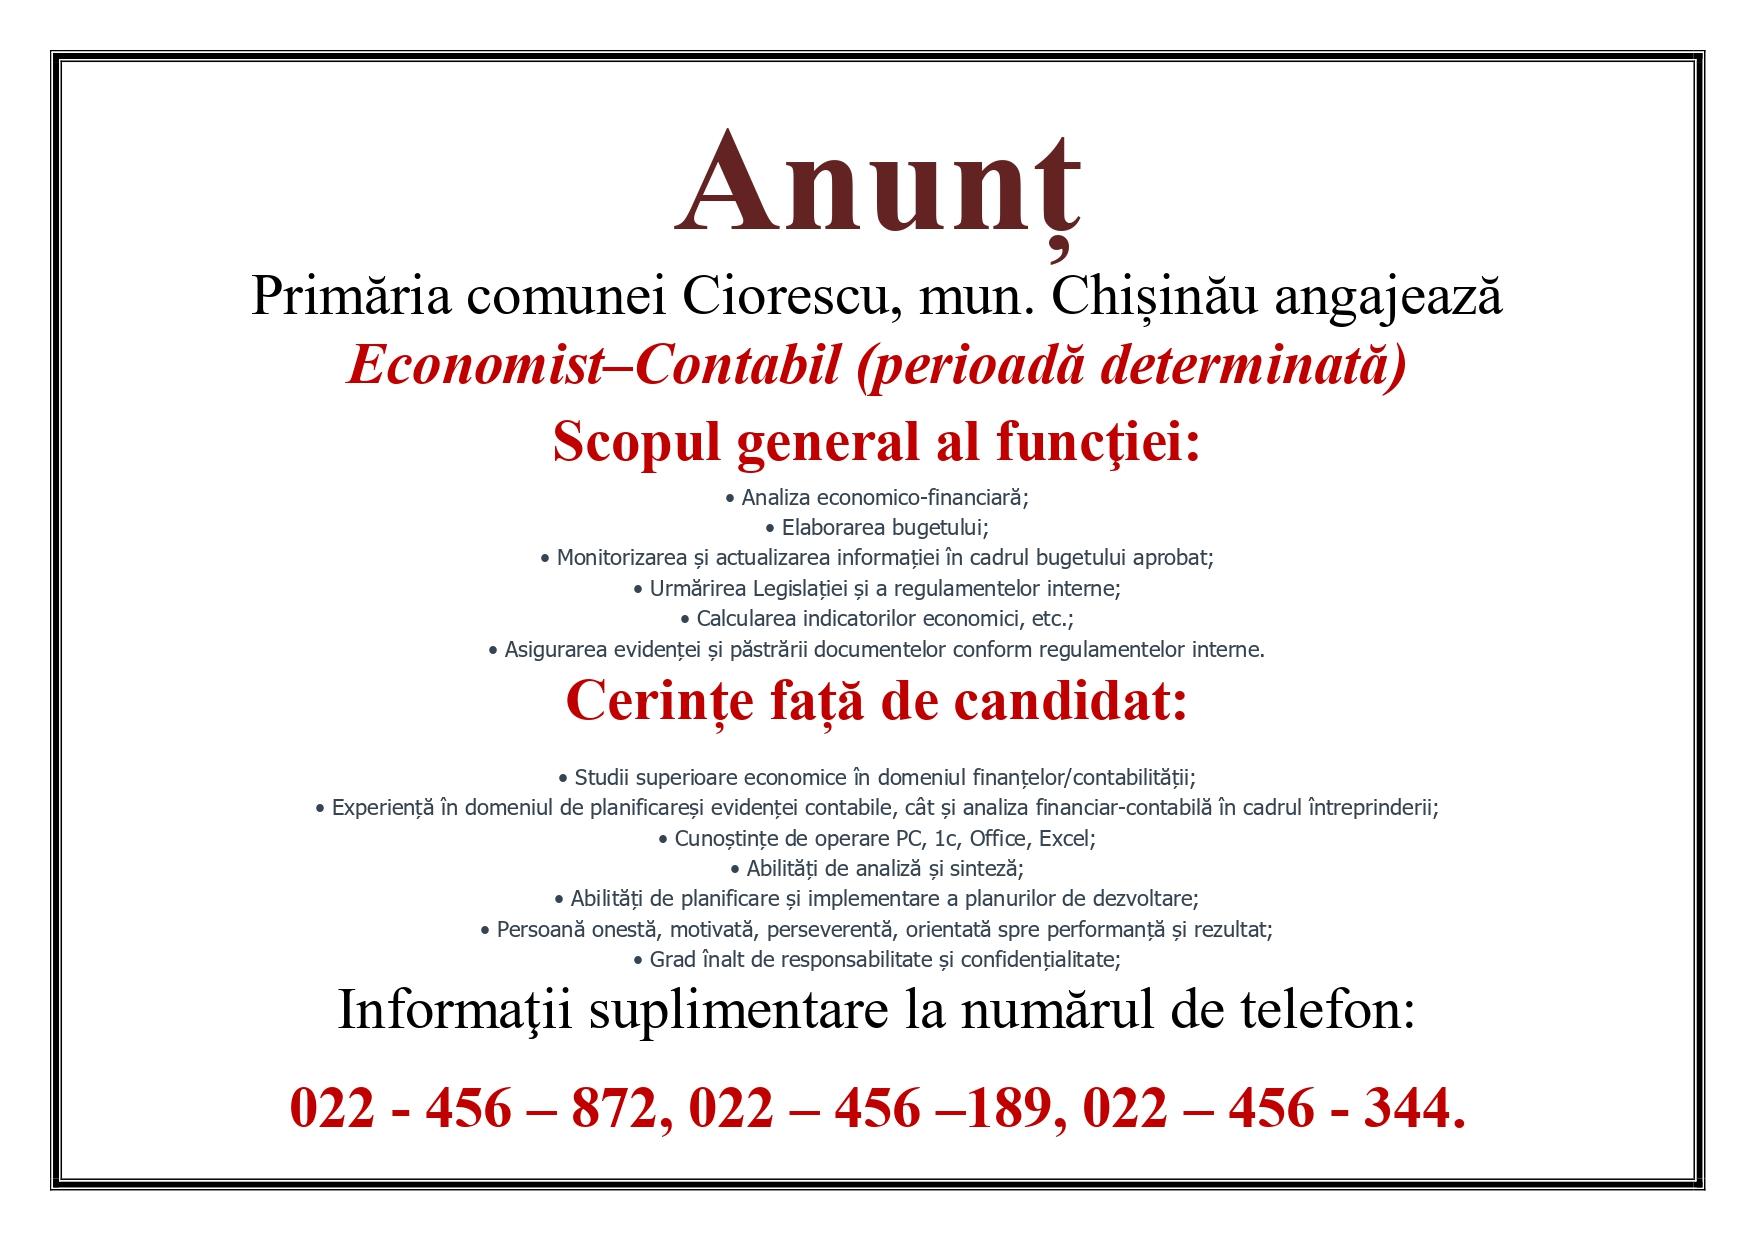 Primăria Ciorescu angajează Economist-Contabil